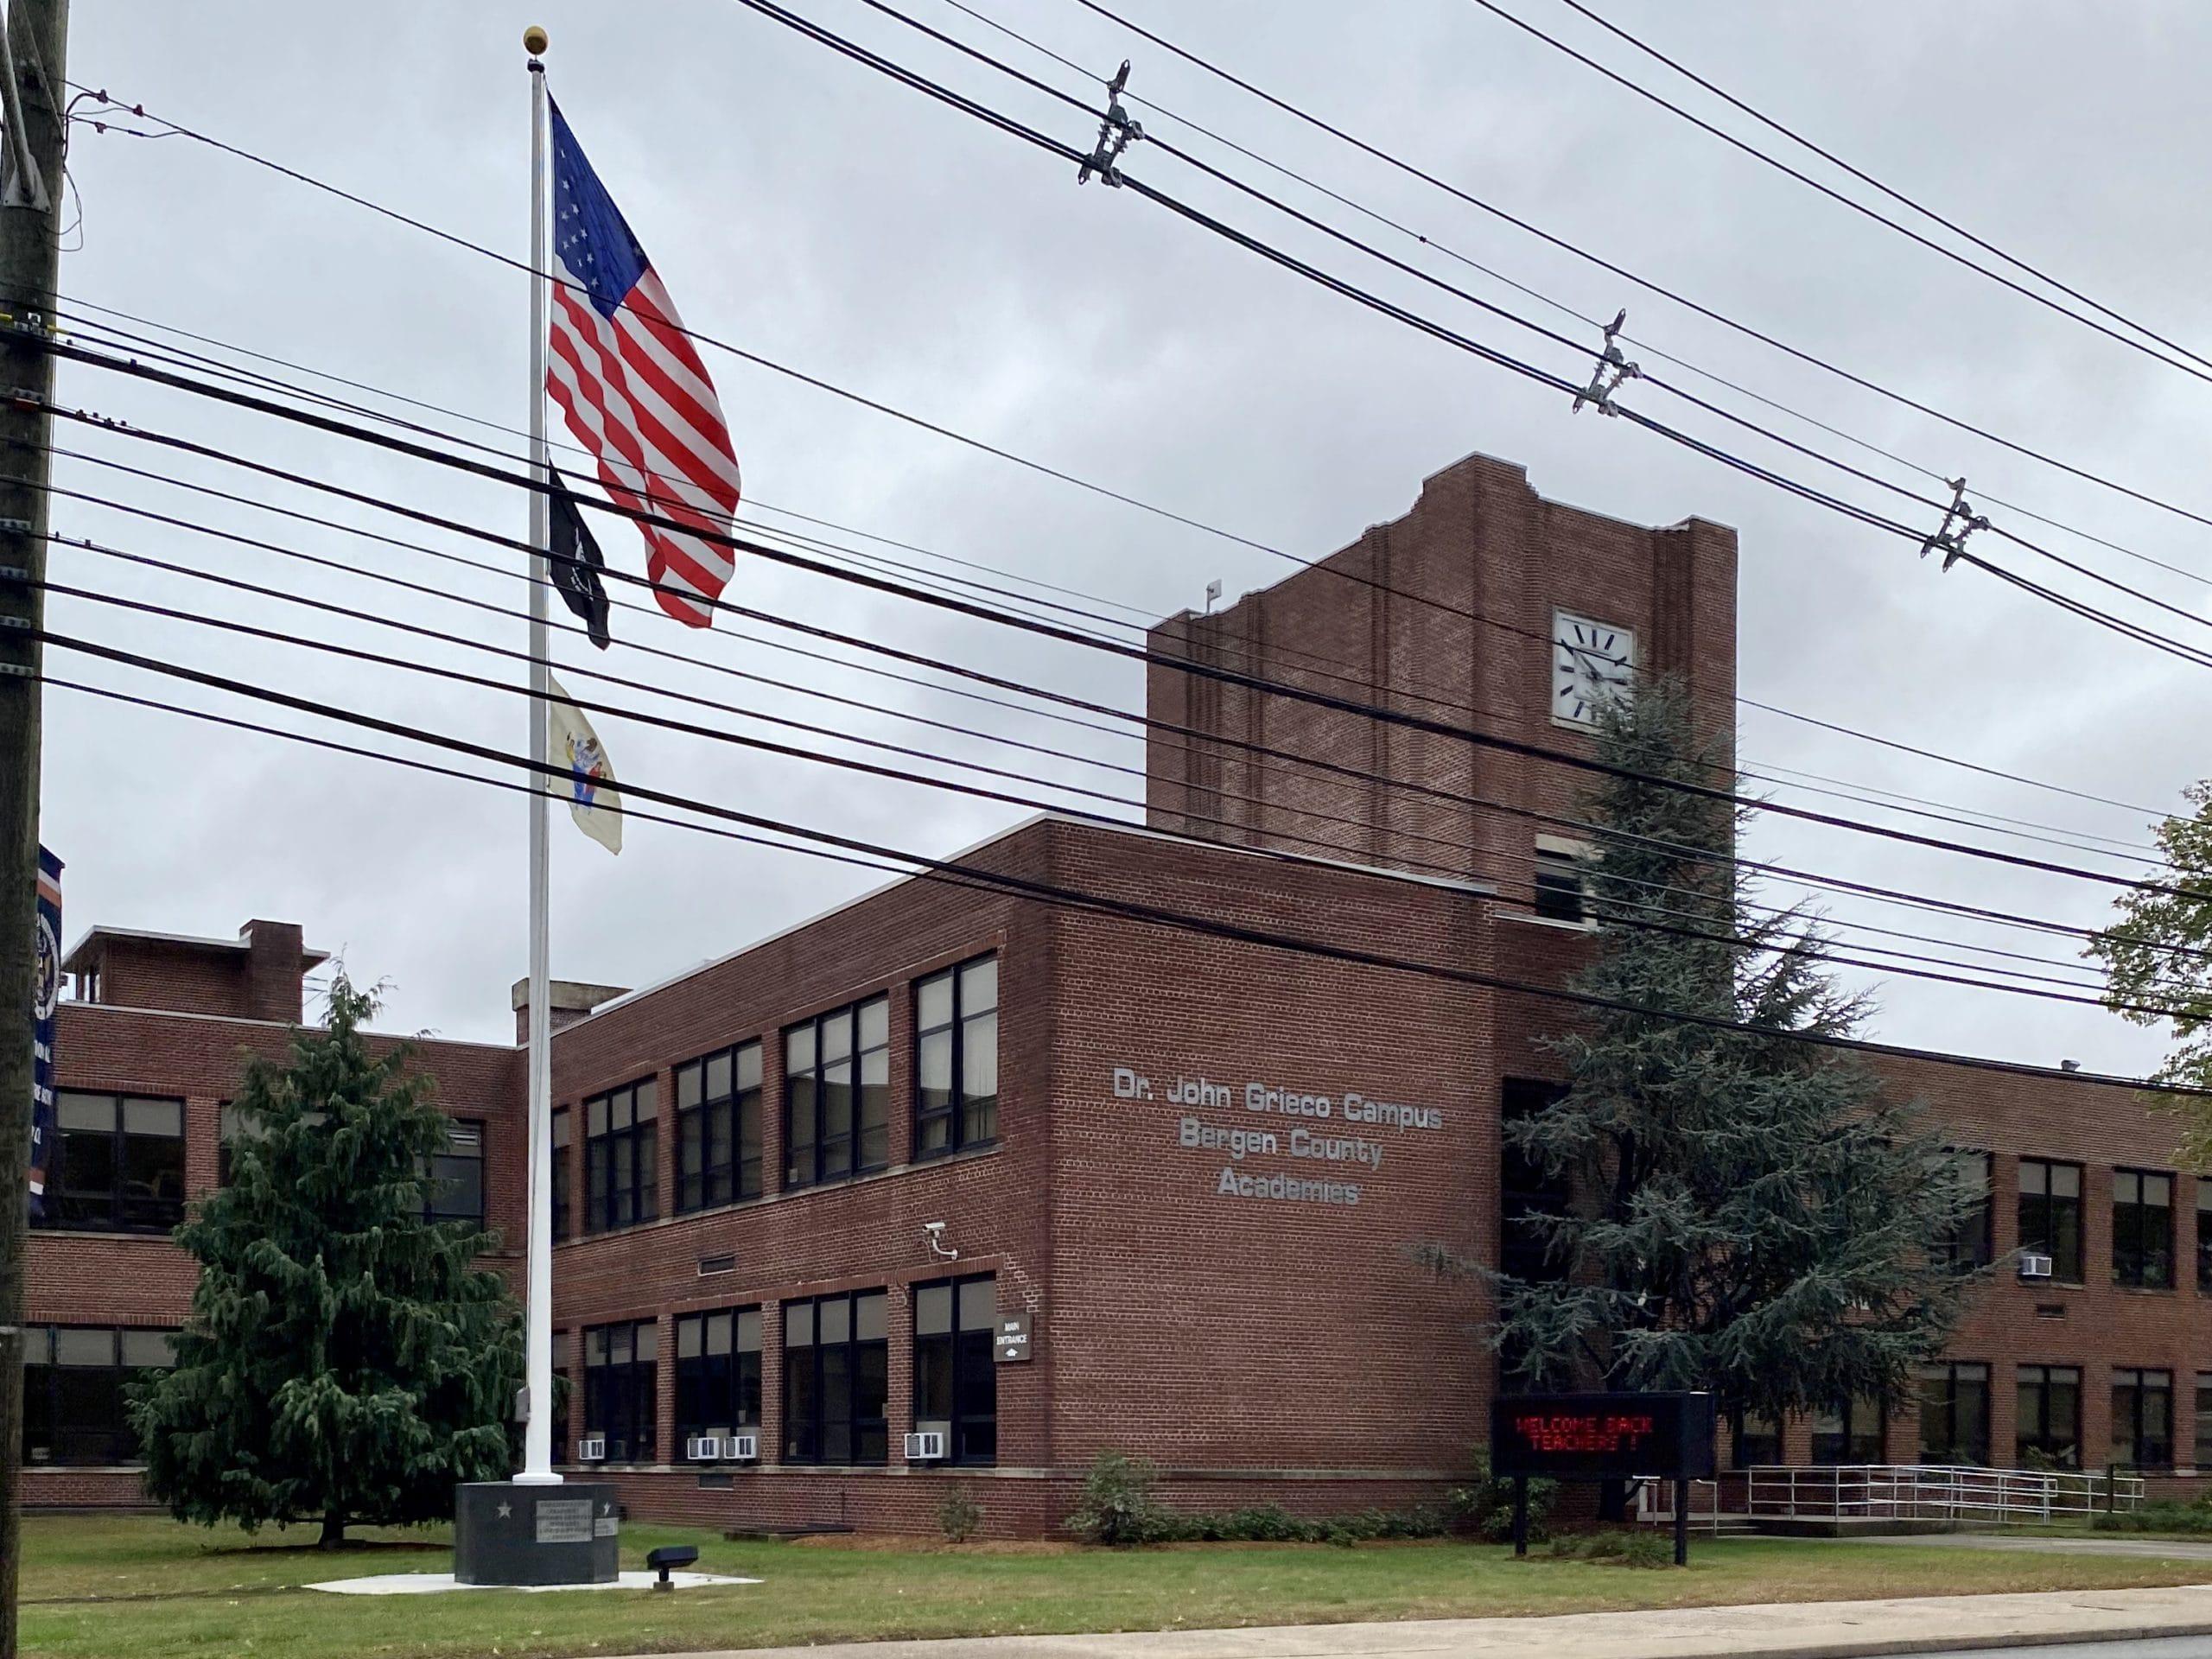 Bergen County Academies New Jersey High School